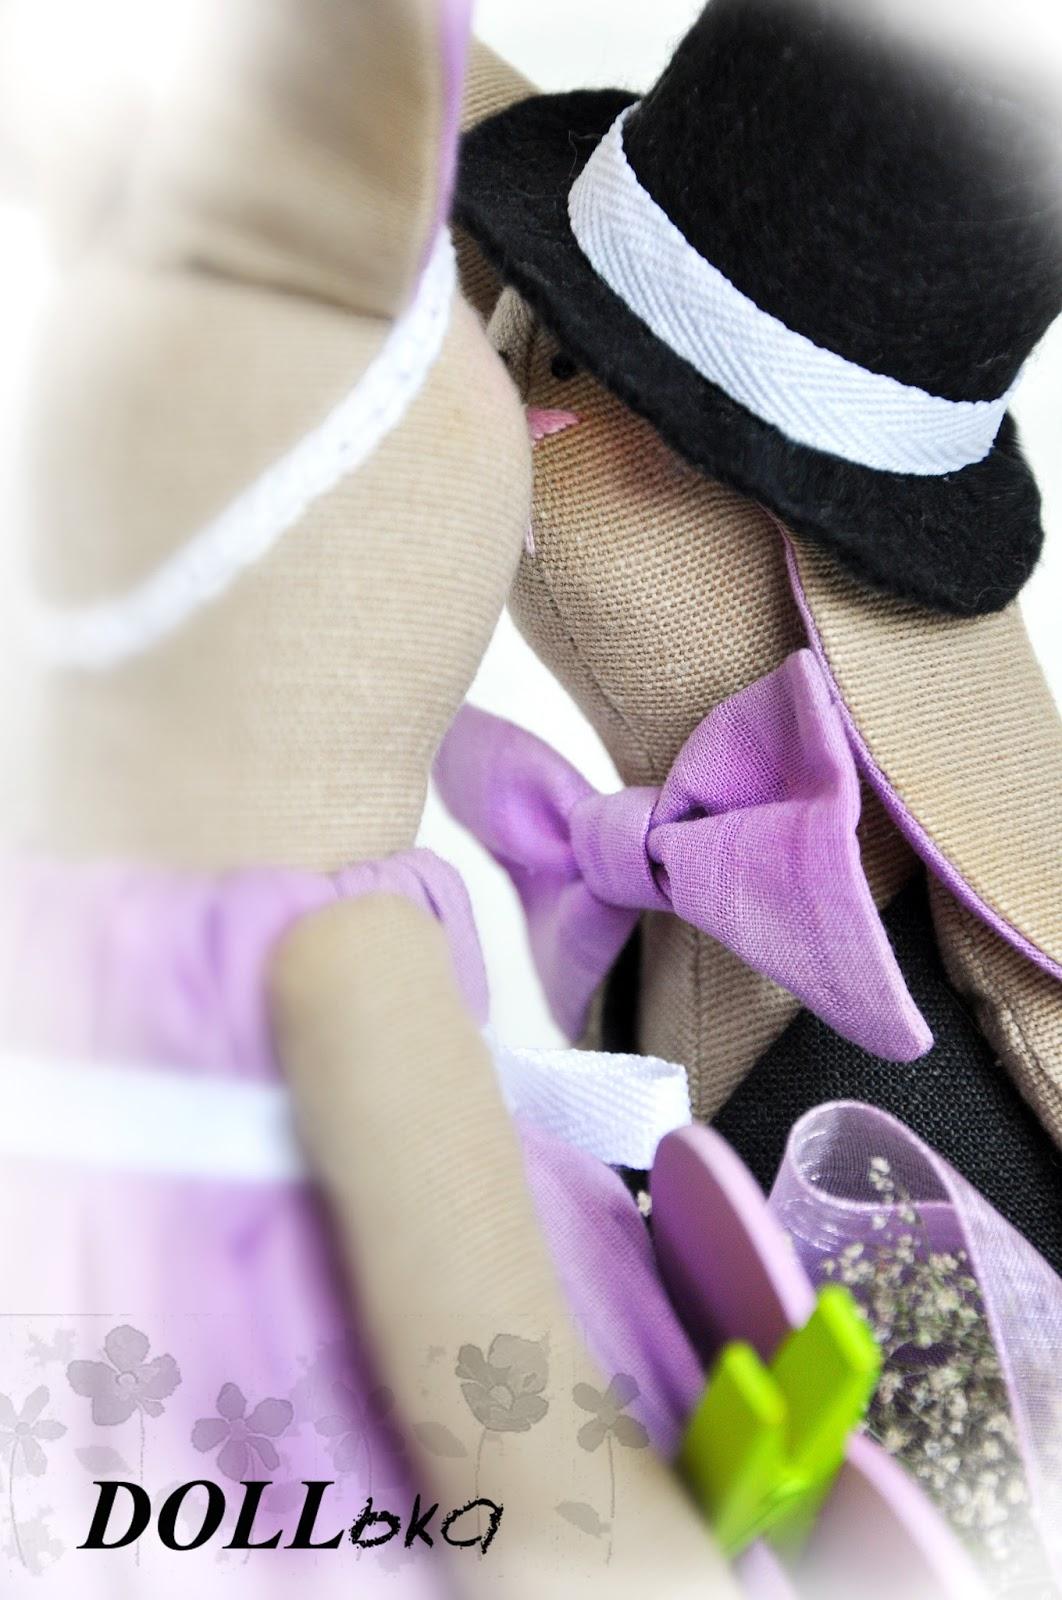 Зайки лавандовые текстильные игрушки ручной работы